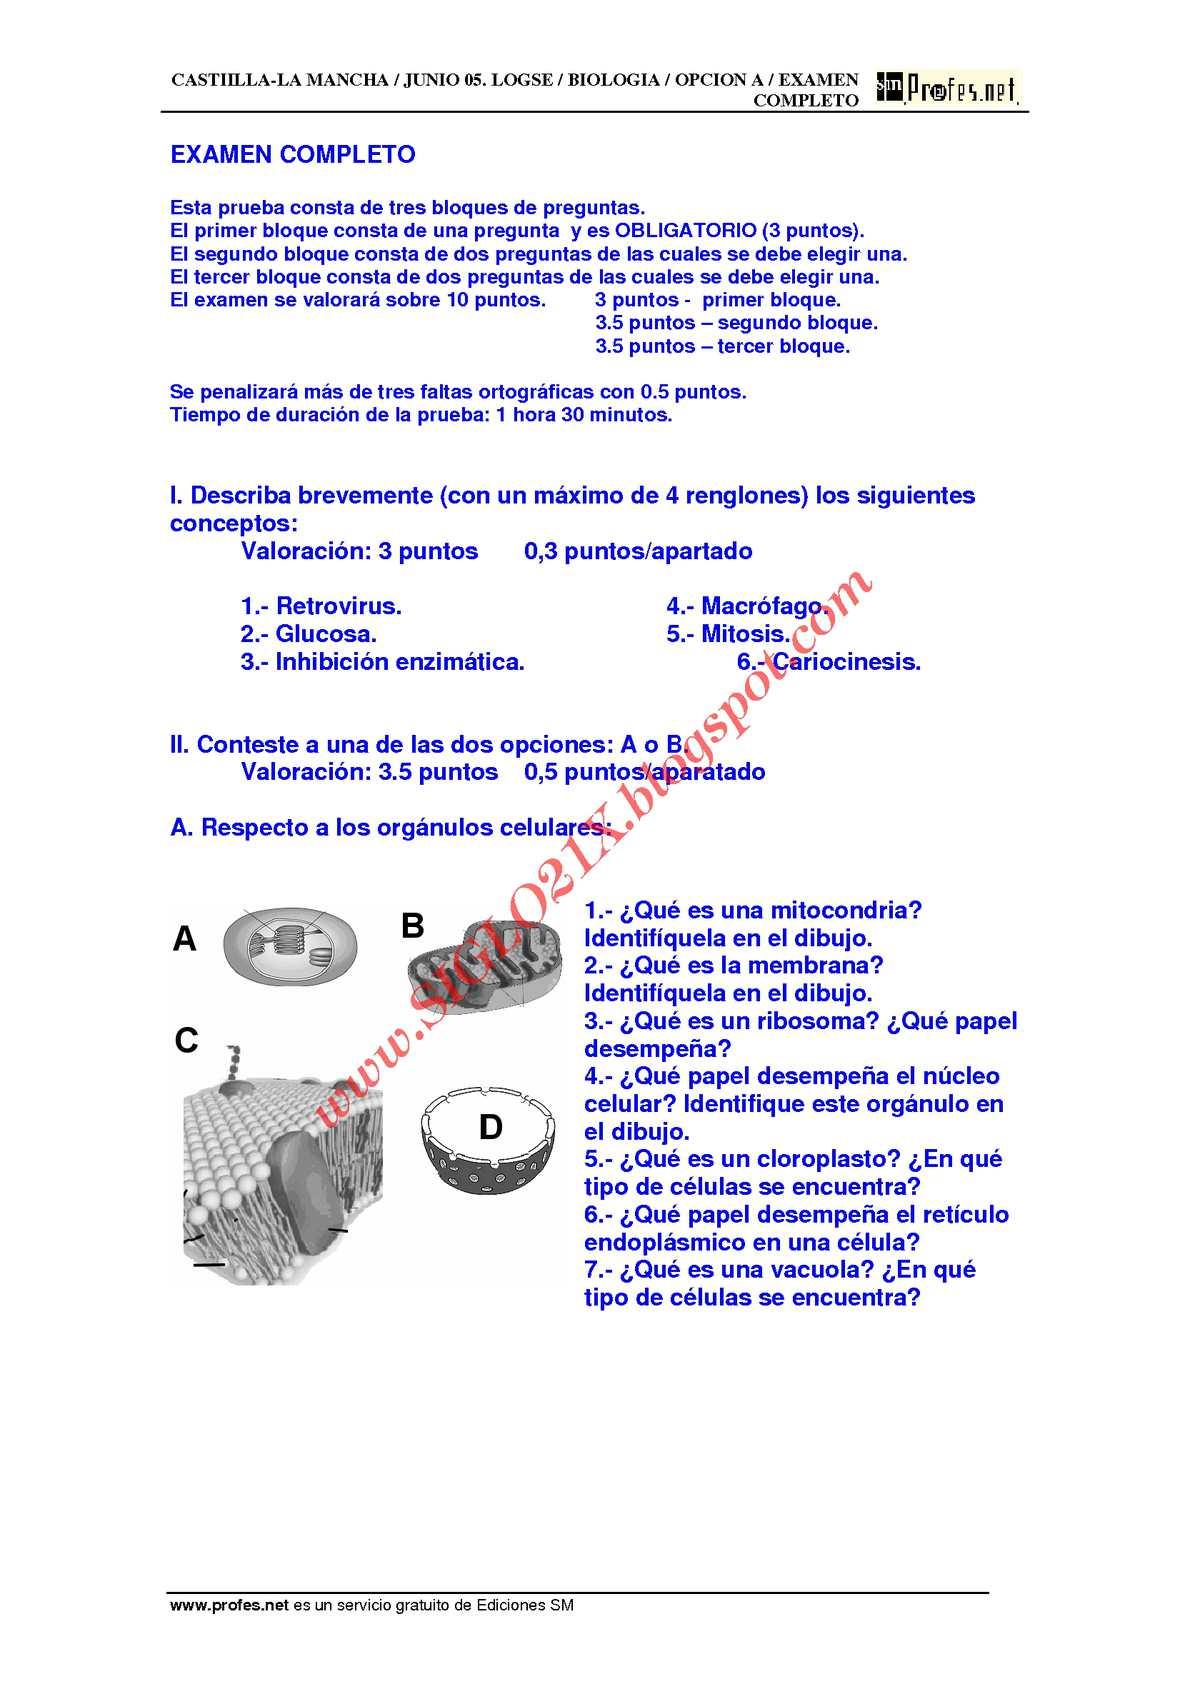 BIOLOGIA-SELECTIVIDAD-EXAMEN 4 RESUELTO- CASTILLA-LA MANCHA-www.SIGLO21X.blogspot.com